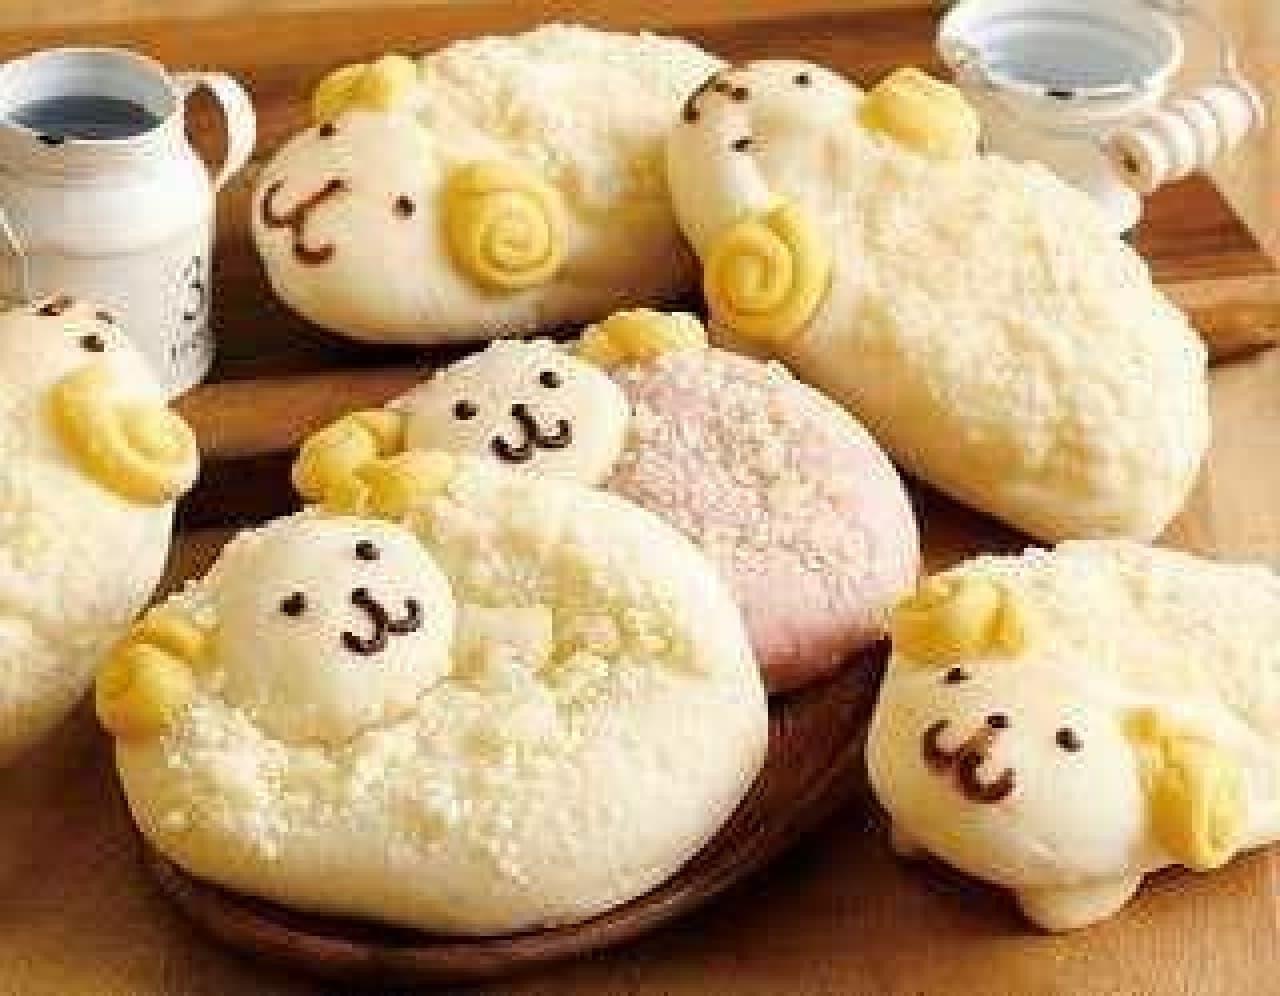 年始限定!ドンクにもこもこひつじの「干支パン」  (画像:北海道エリアの商品)